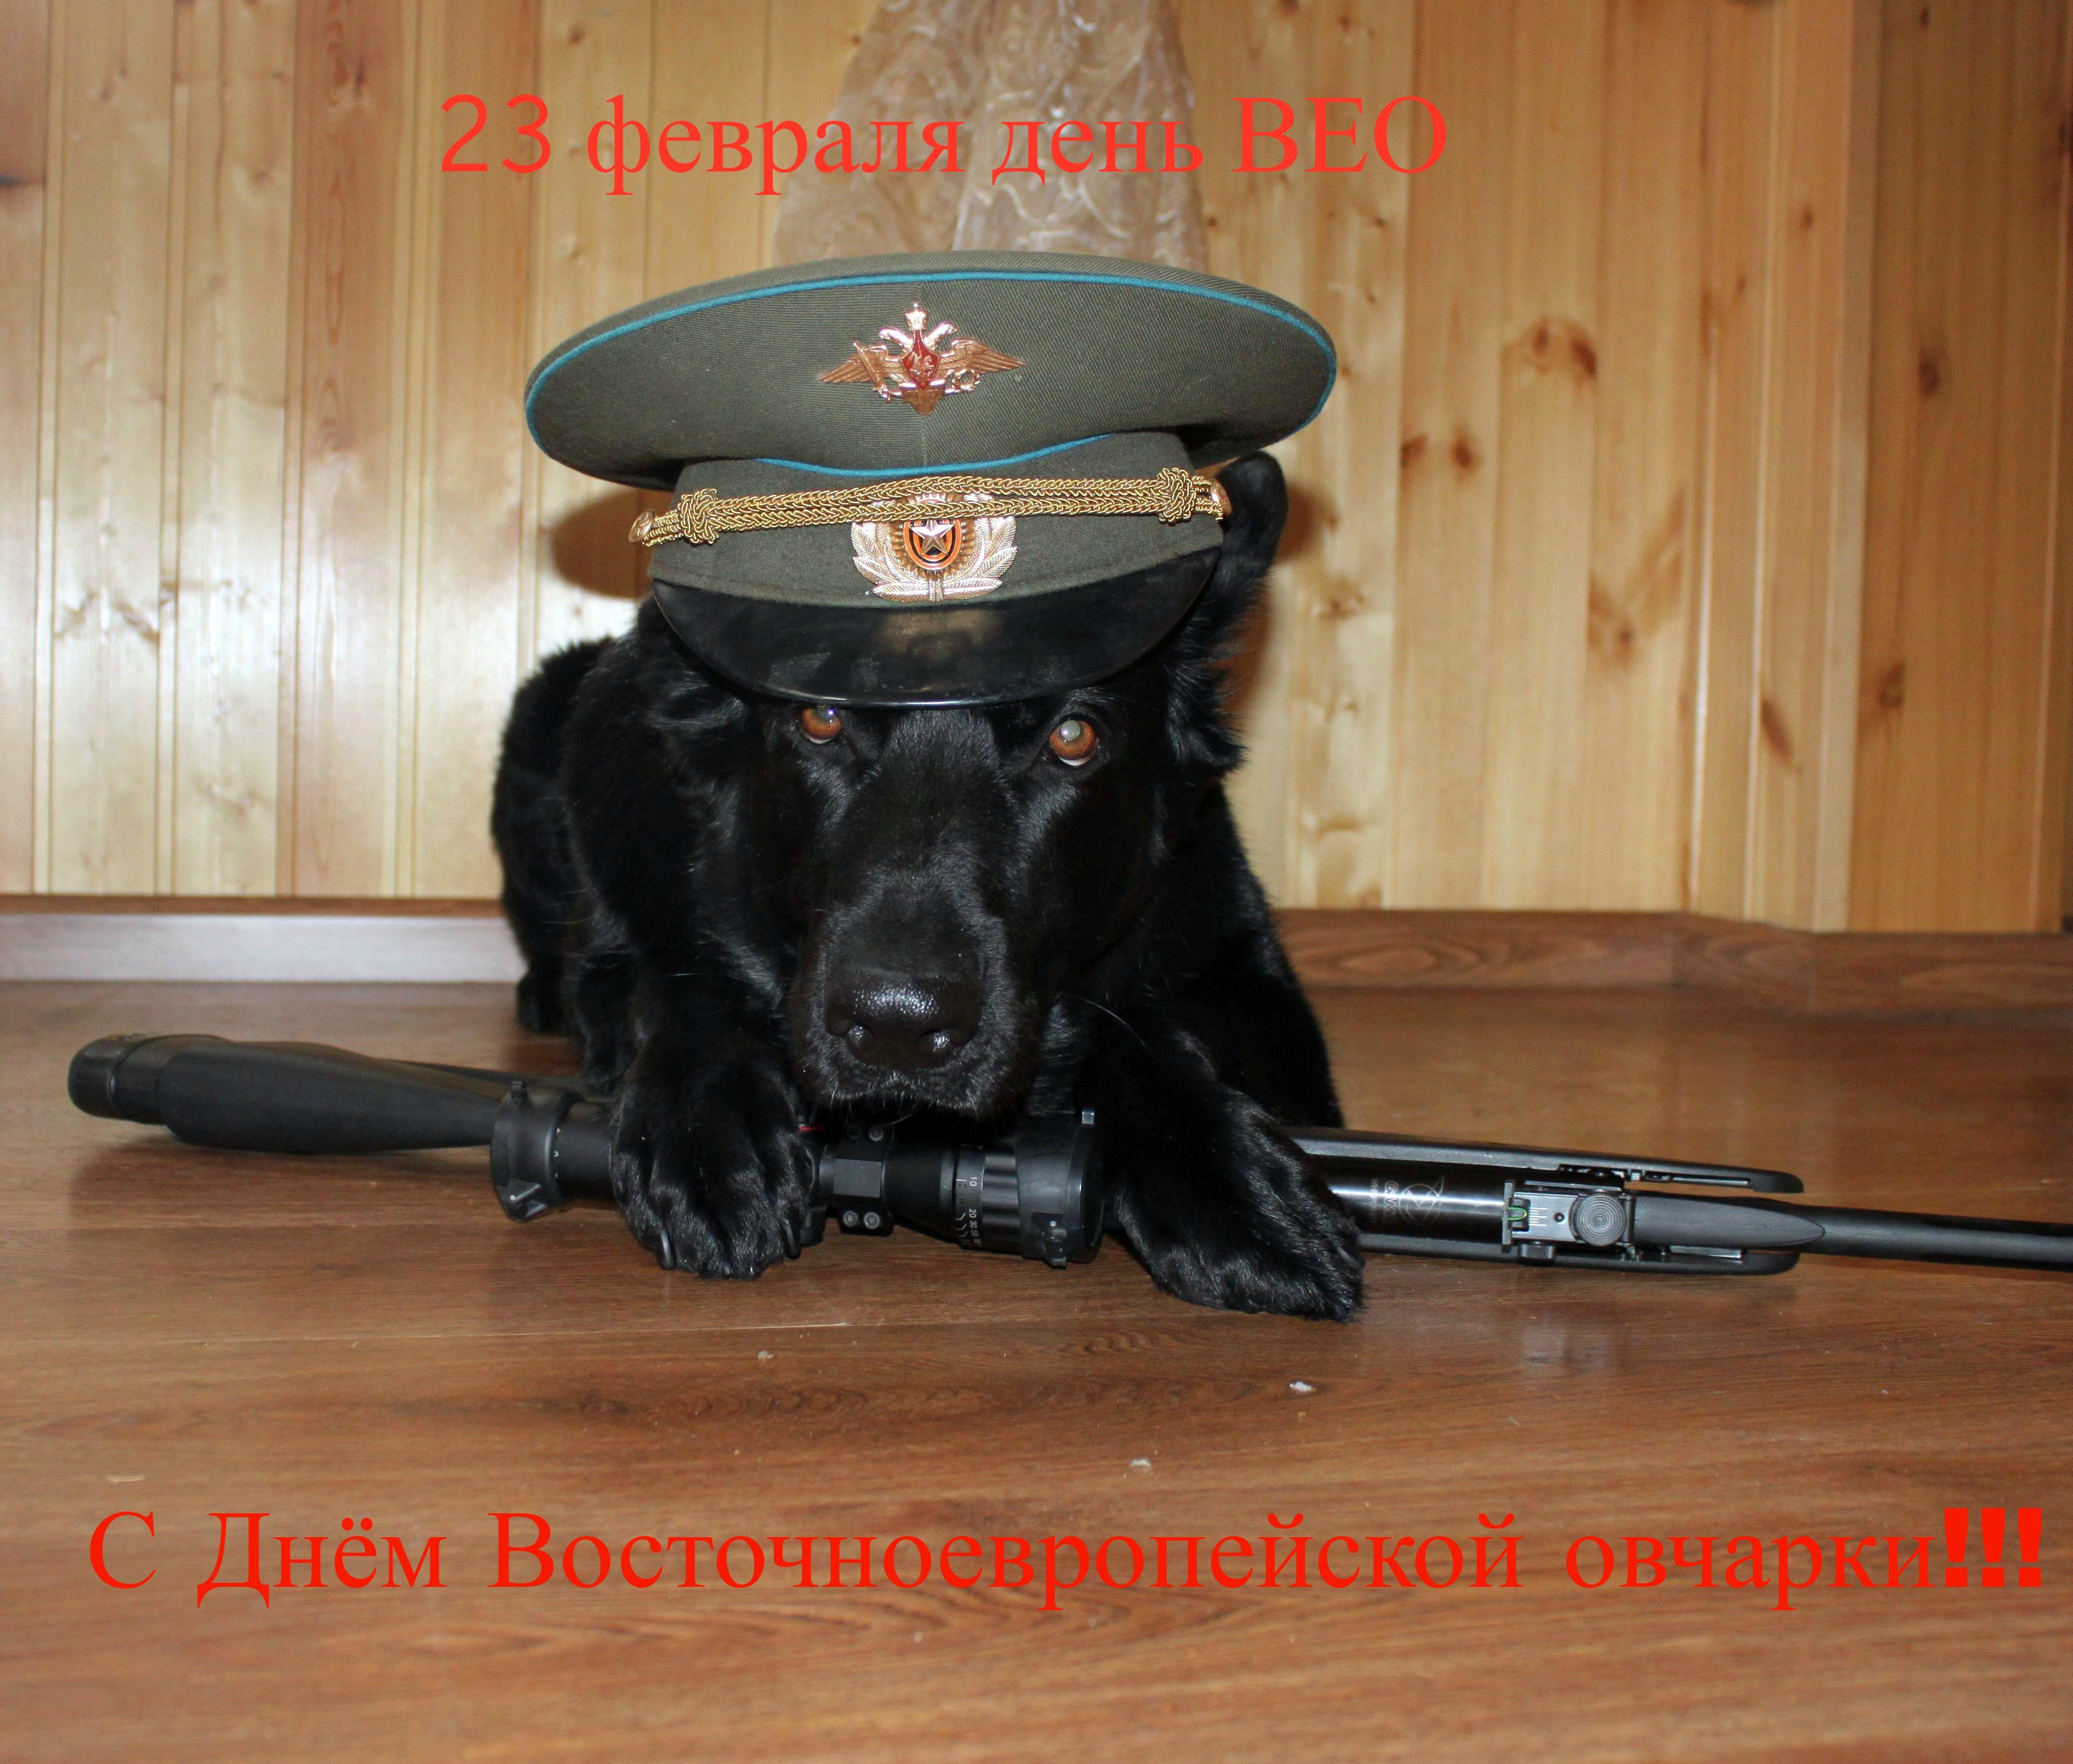 http://s7.uploads.ru/hXeBD.jpg